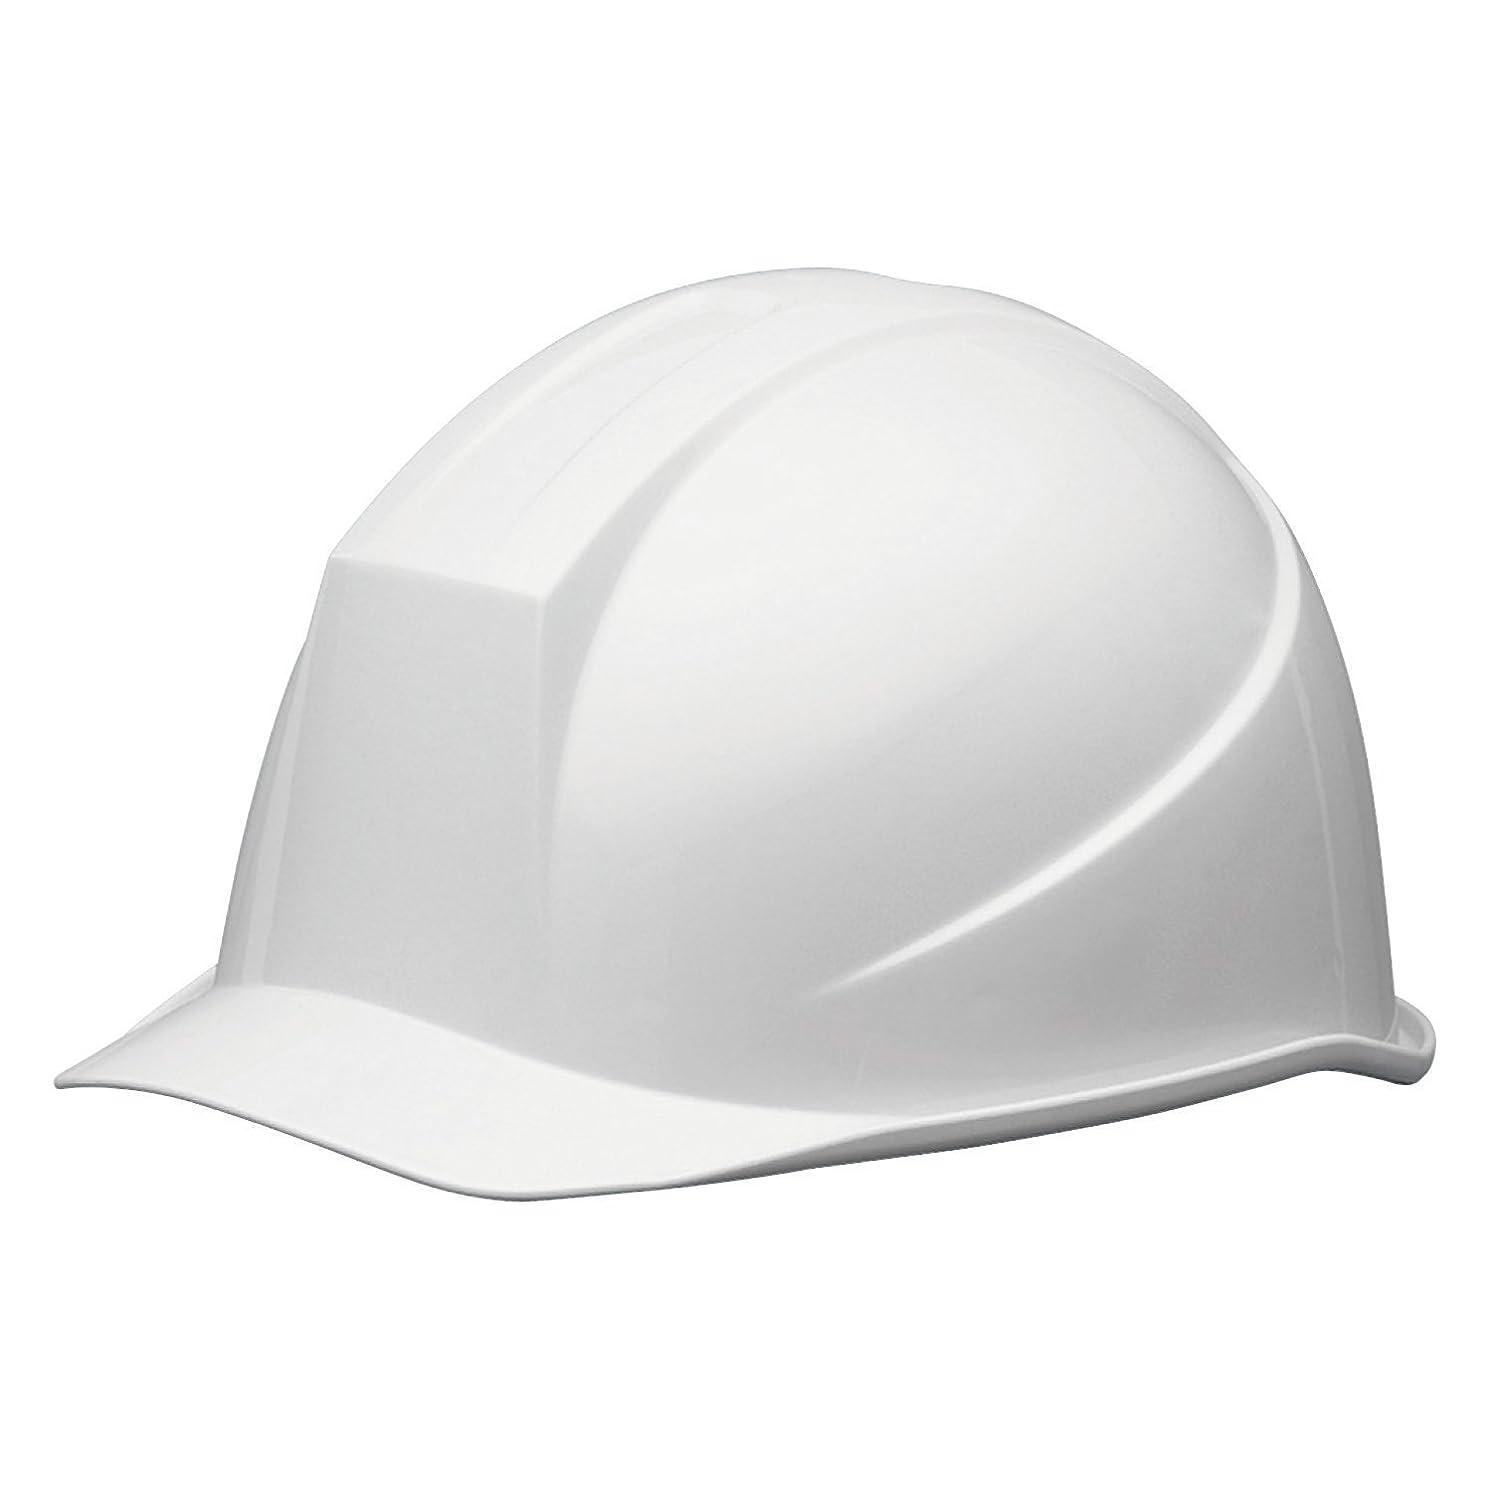 オーチャード列挙する運命ミドリ安全 ヘルメット 一般作業用 電気作業用 SC11B RA KPなし スーパーホワイト